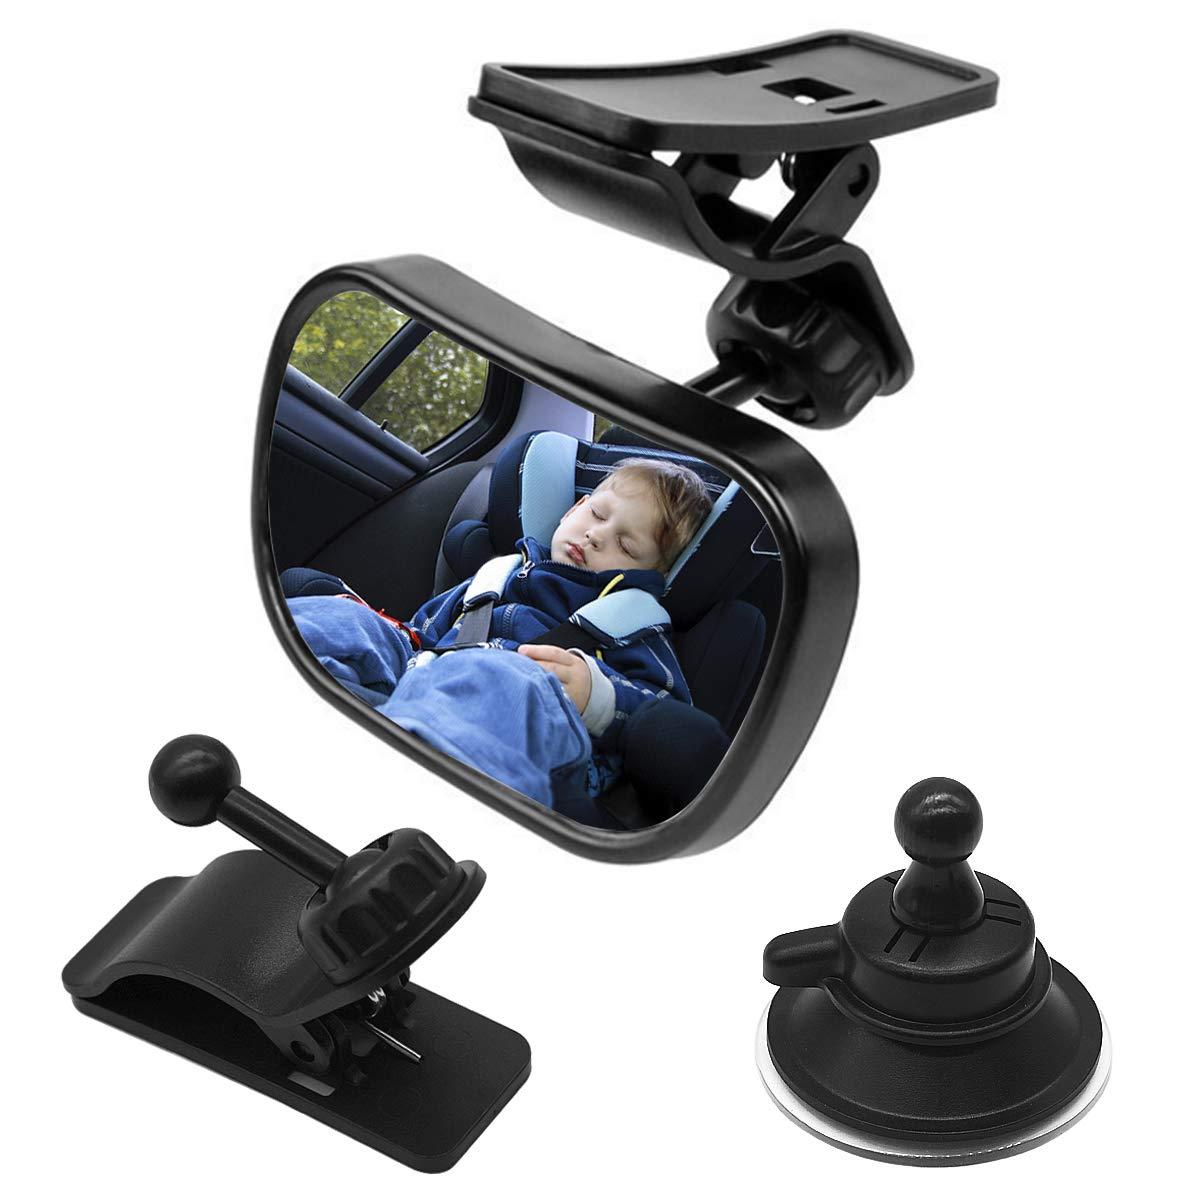 R/ückw/ärtssitz Sicherheitsspiegel f/ür Kinderschale Spiegel Auto Baby R/ückspiegel Auto mit 360/° Schwenkbar 2 Halterung Babyschale R/ücksitzspiegel f/ür Babys Kinder Natuce 1 R/ücksitzspiegel